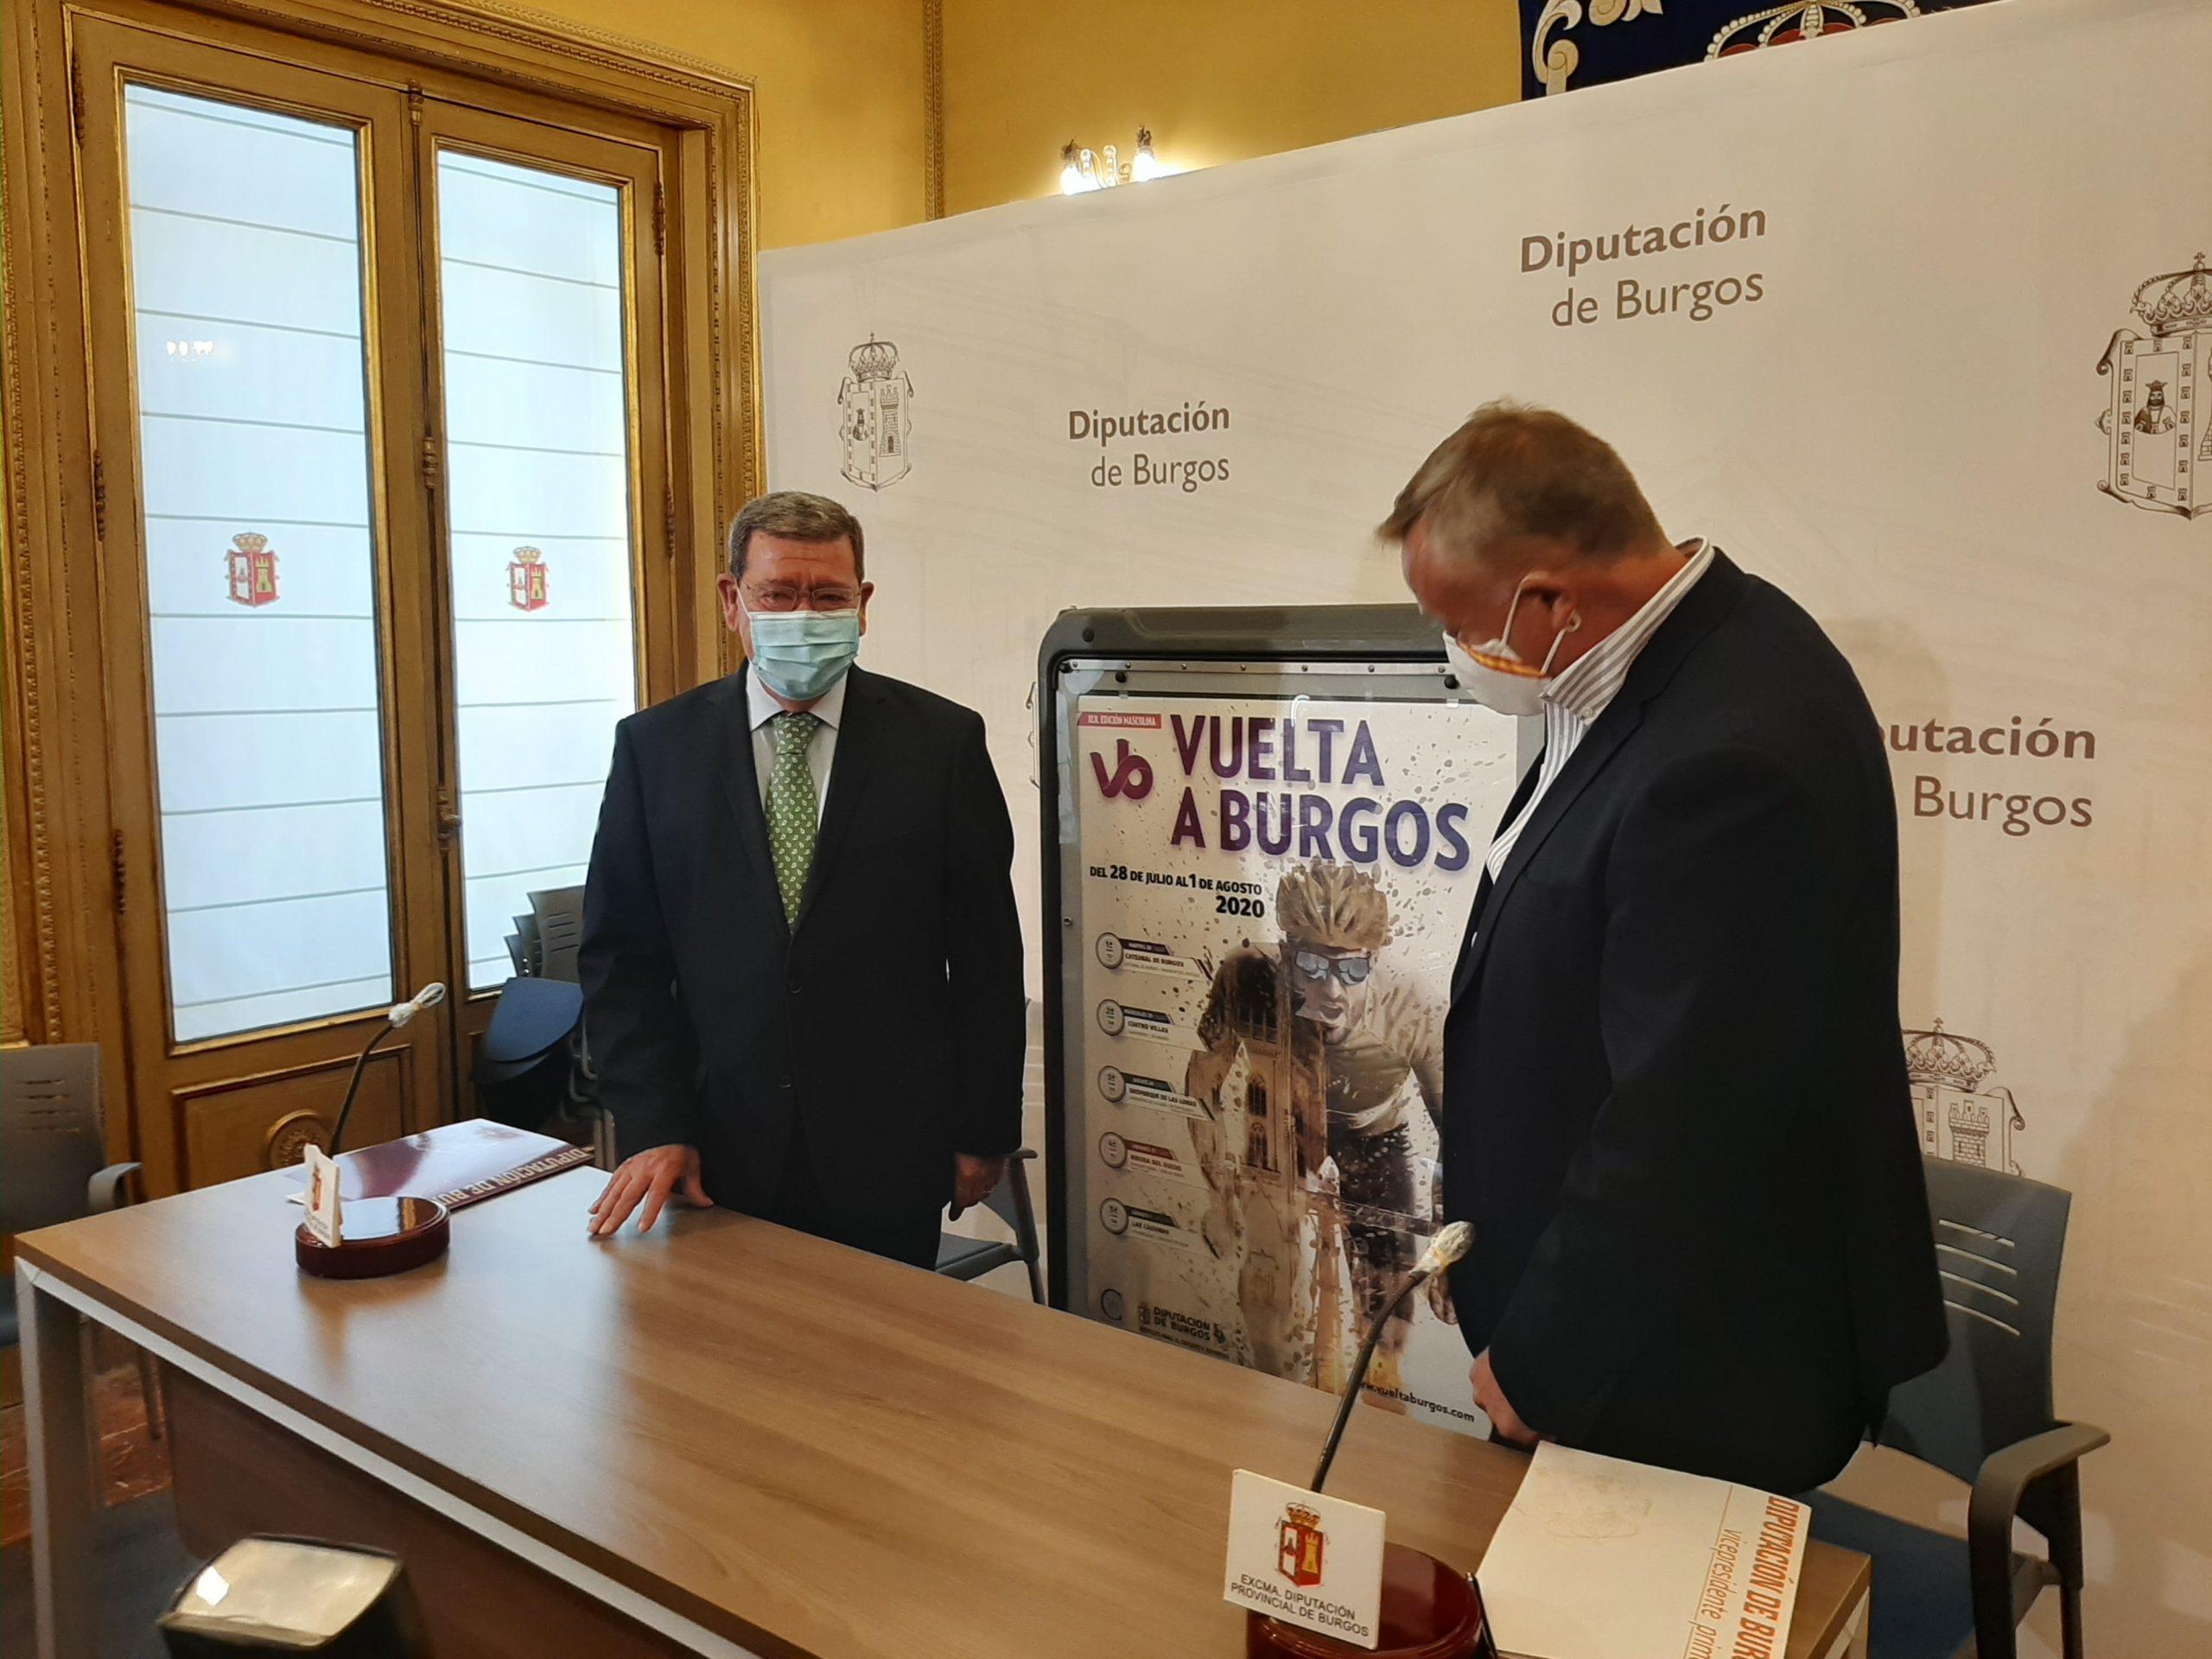 La Vuelta a Burgos, primera prueba de la Unión Ciclista Internacional